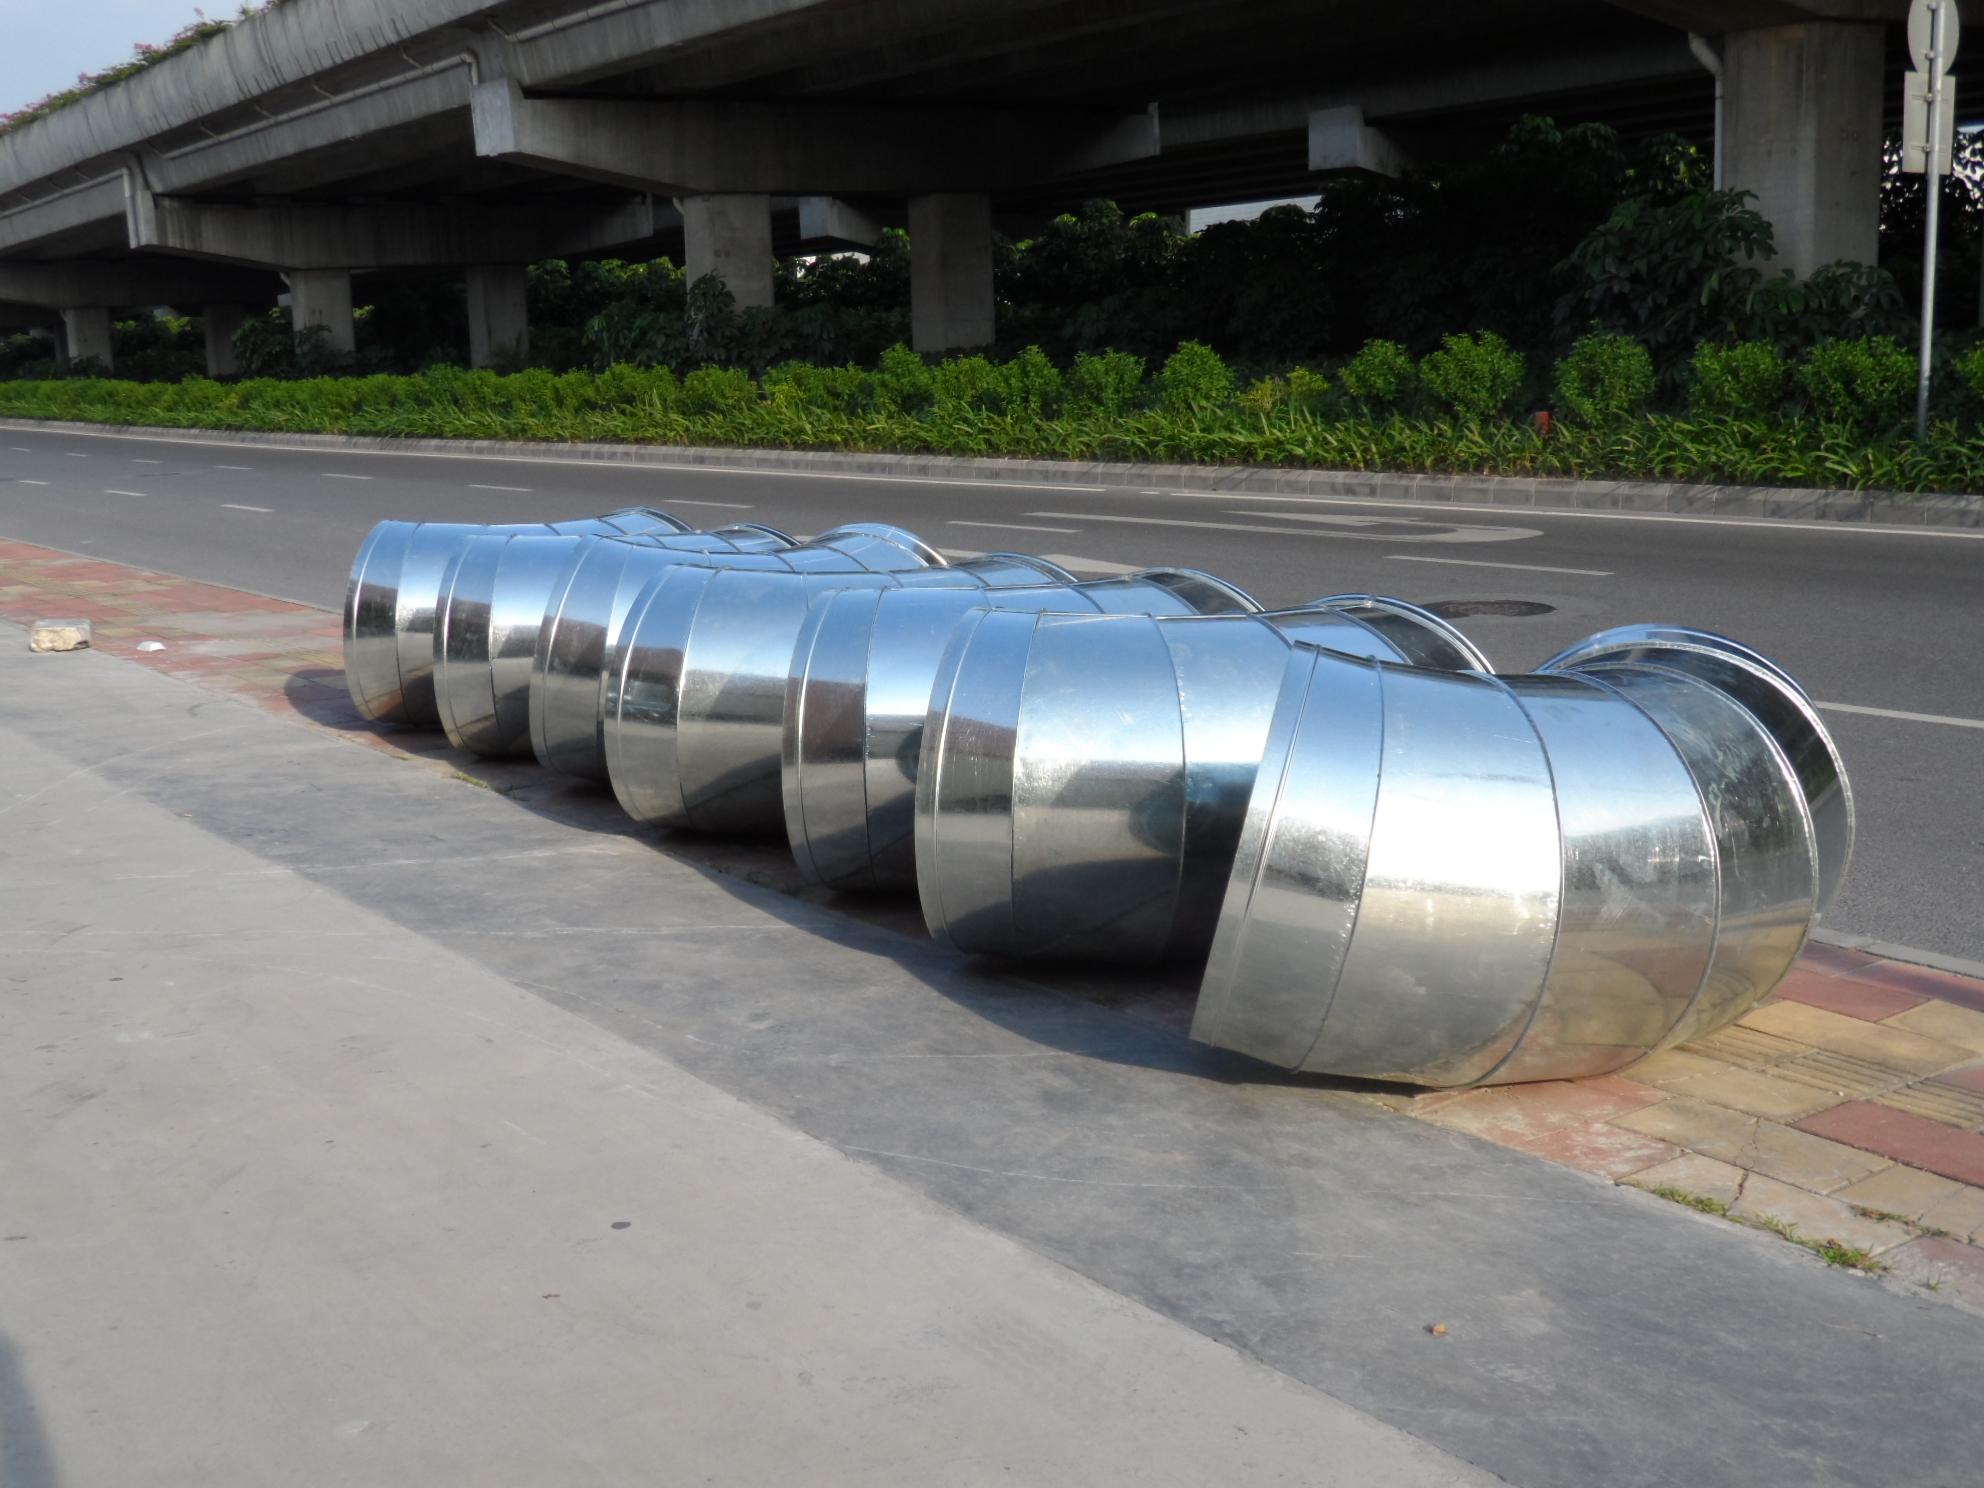 供应用于大厦的建筑消防管道弯头配件